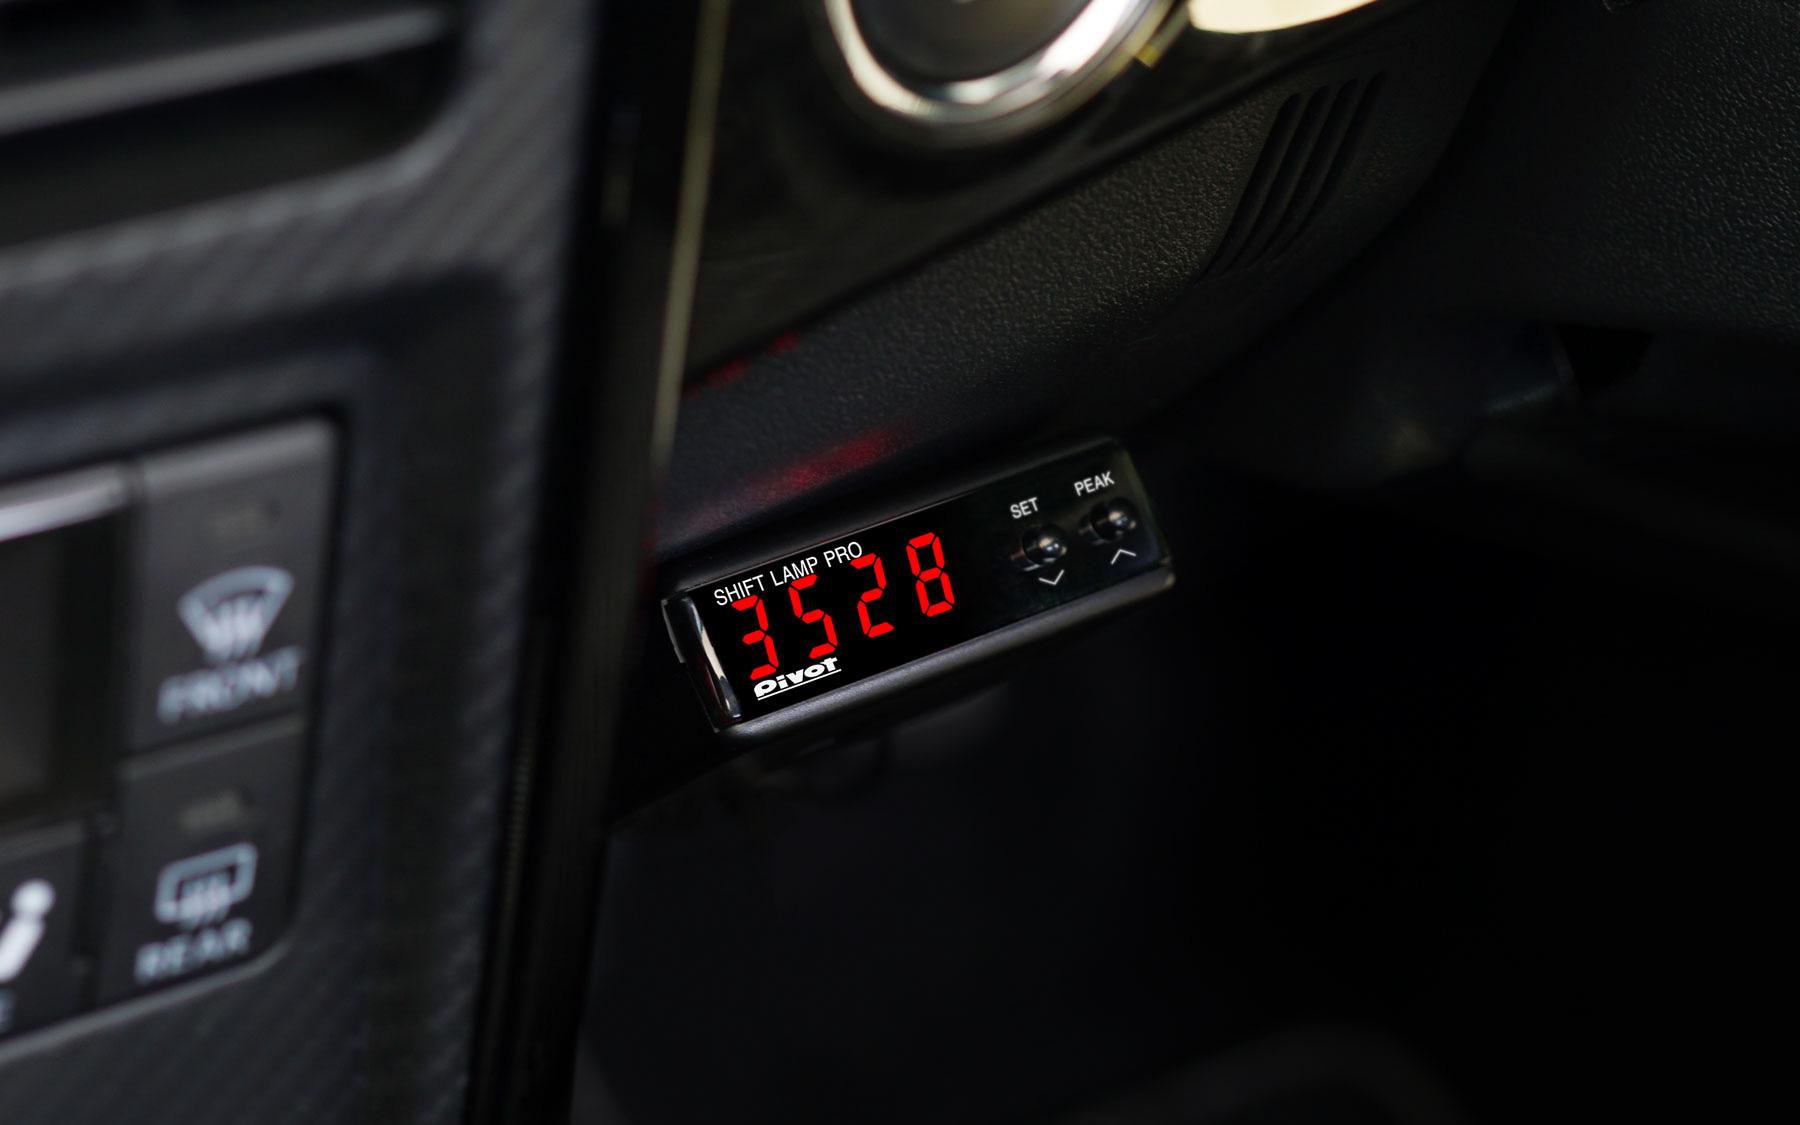 デジタルタコメーターはエンジン回転を0~9999rpmまで1rpm単位で高精度表示